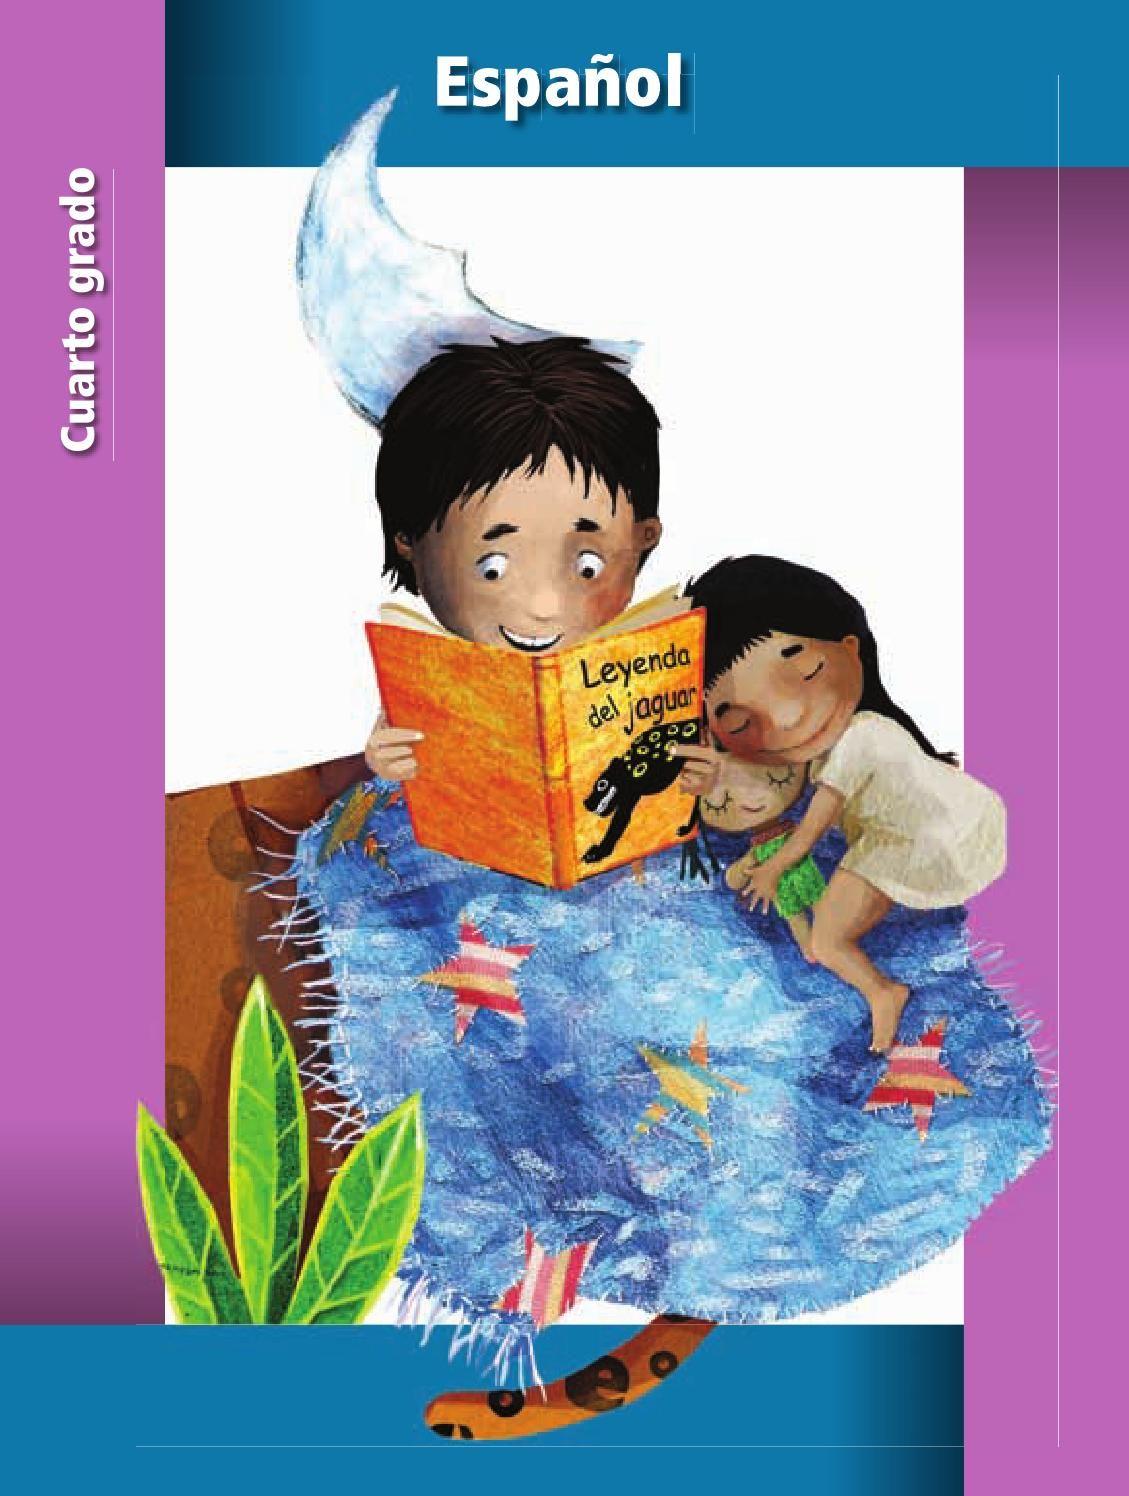 Español 4 | Libro de texto, Educacion primaria y Grado